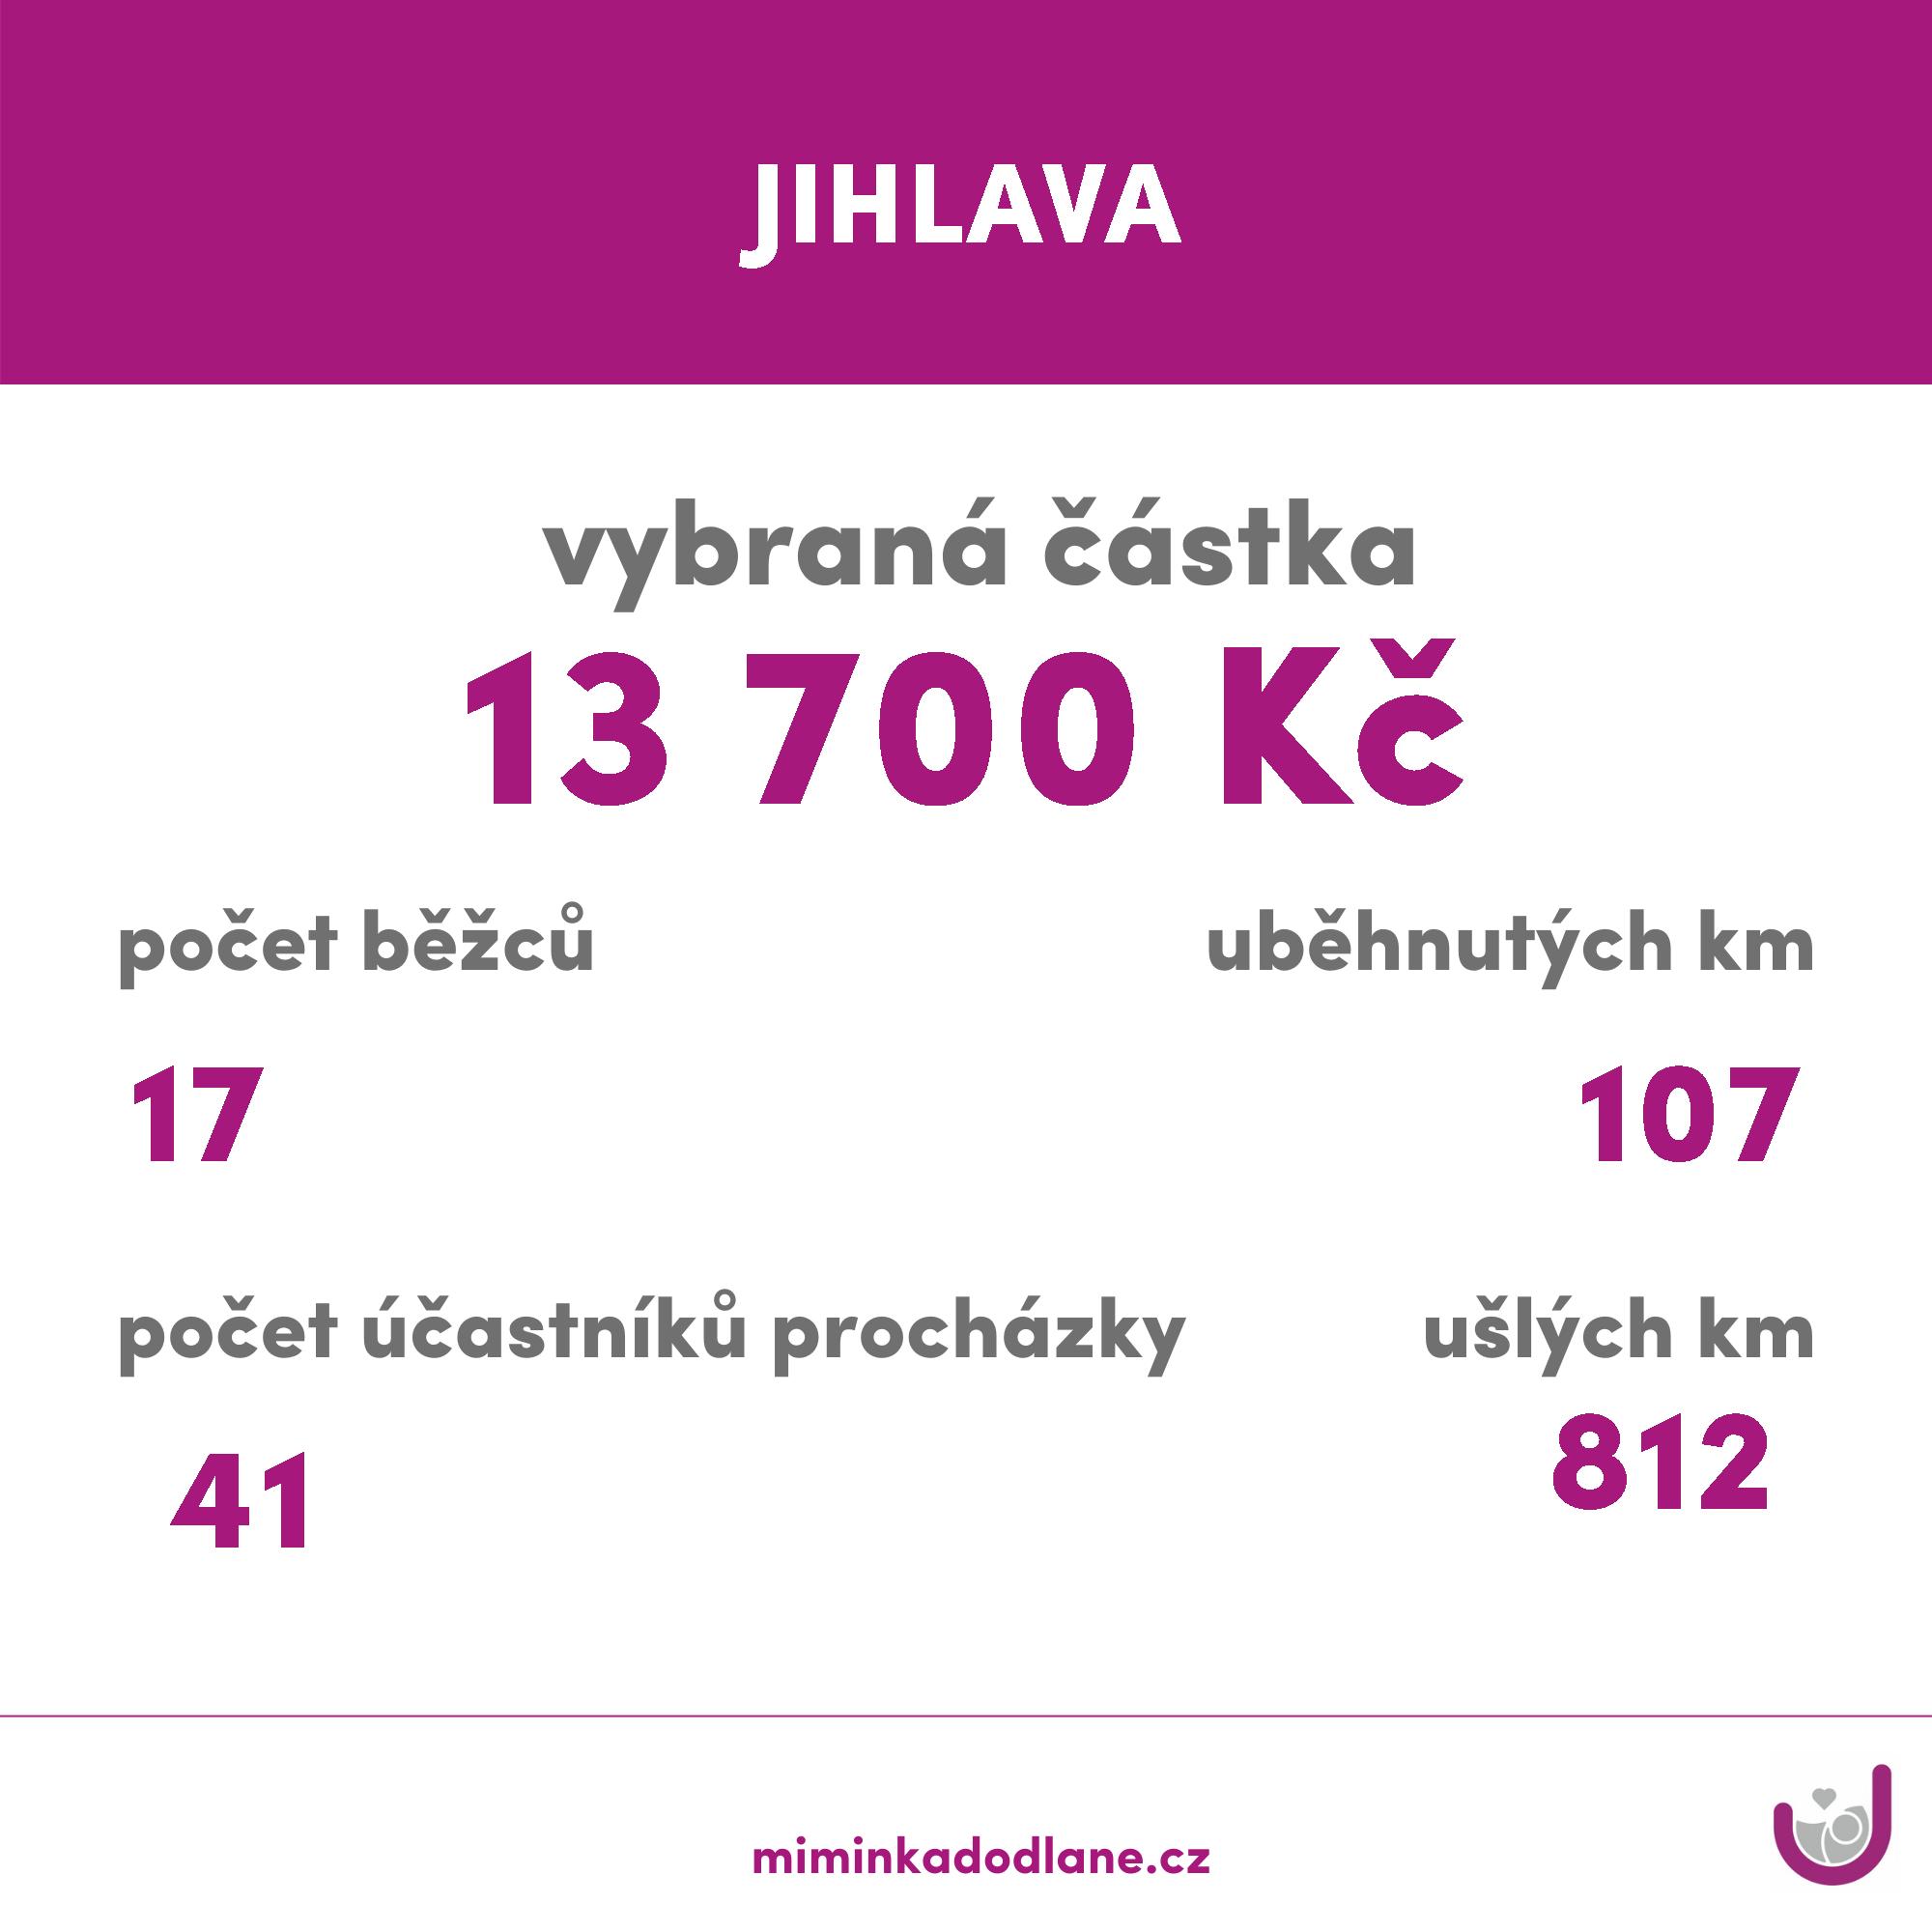 JIHLAVA